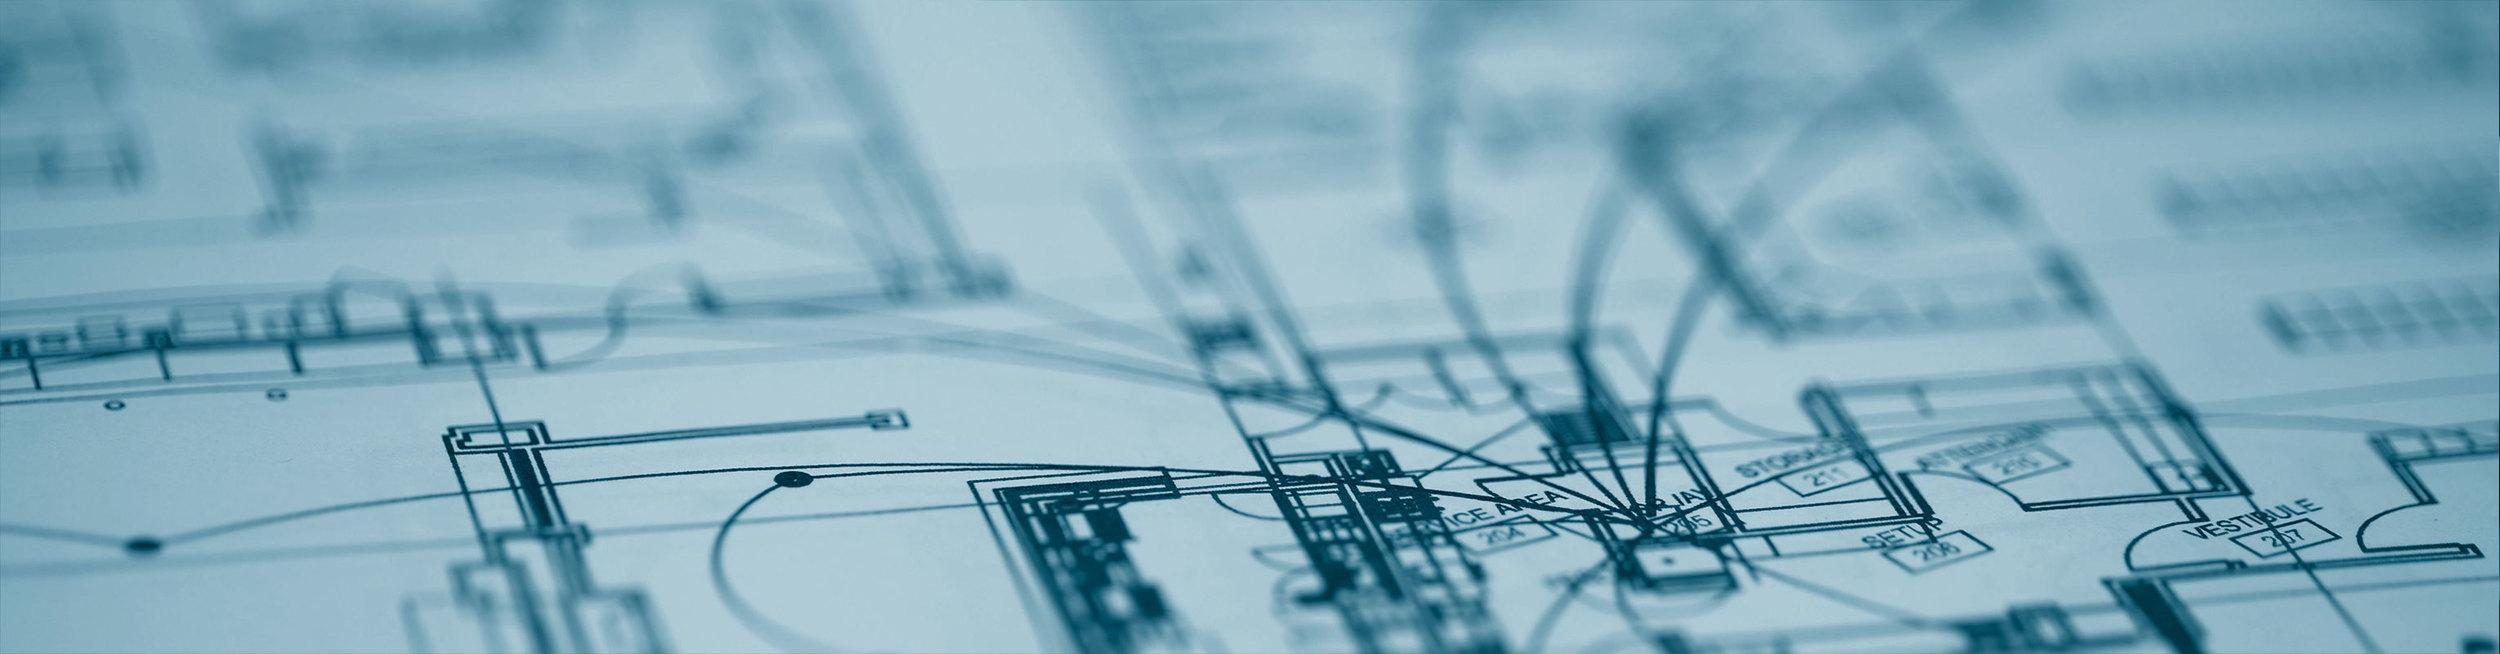 Sound-Design.jpg